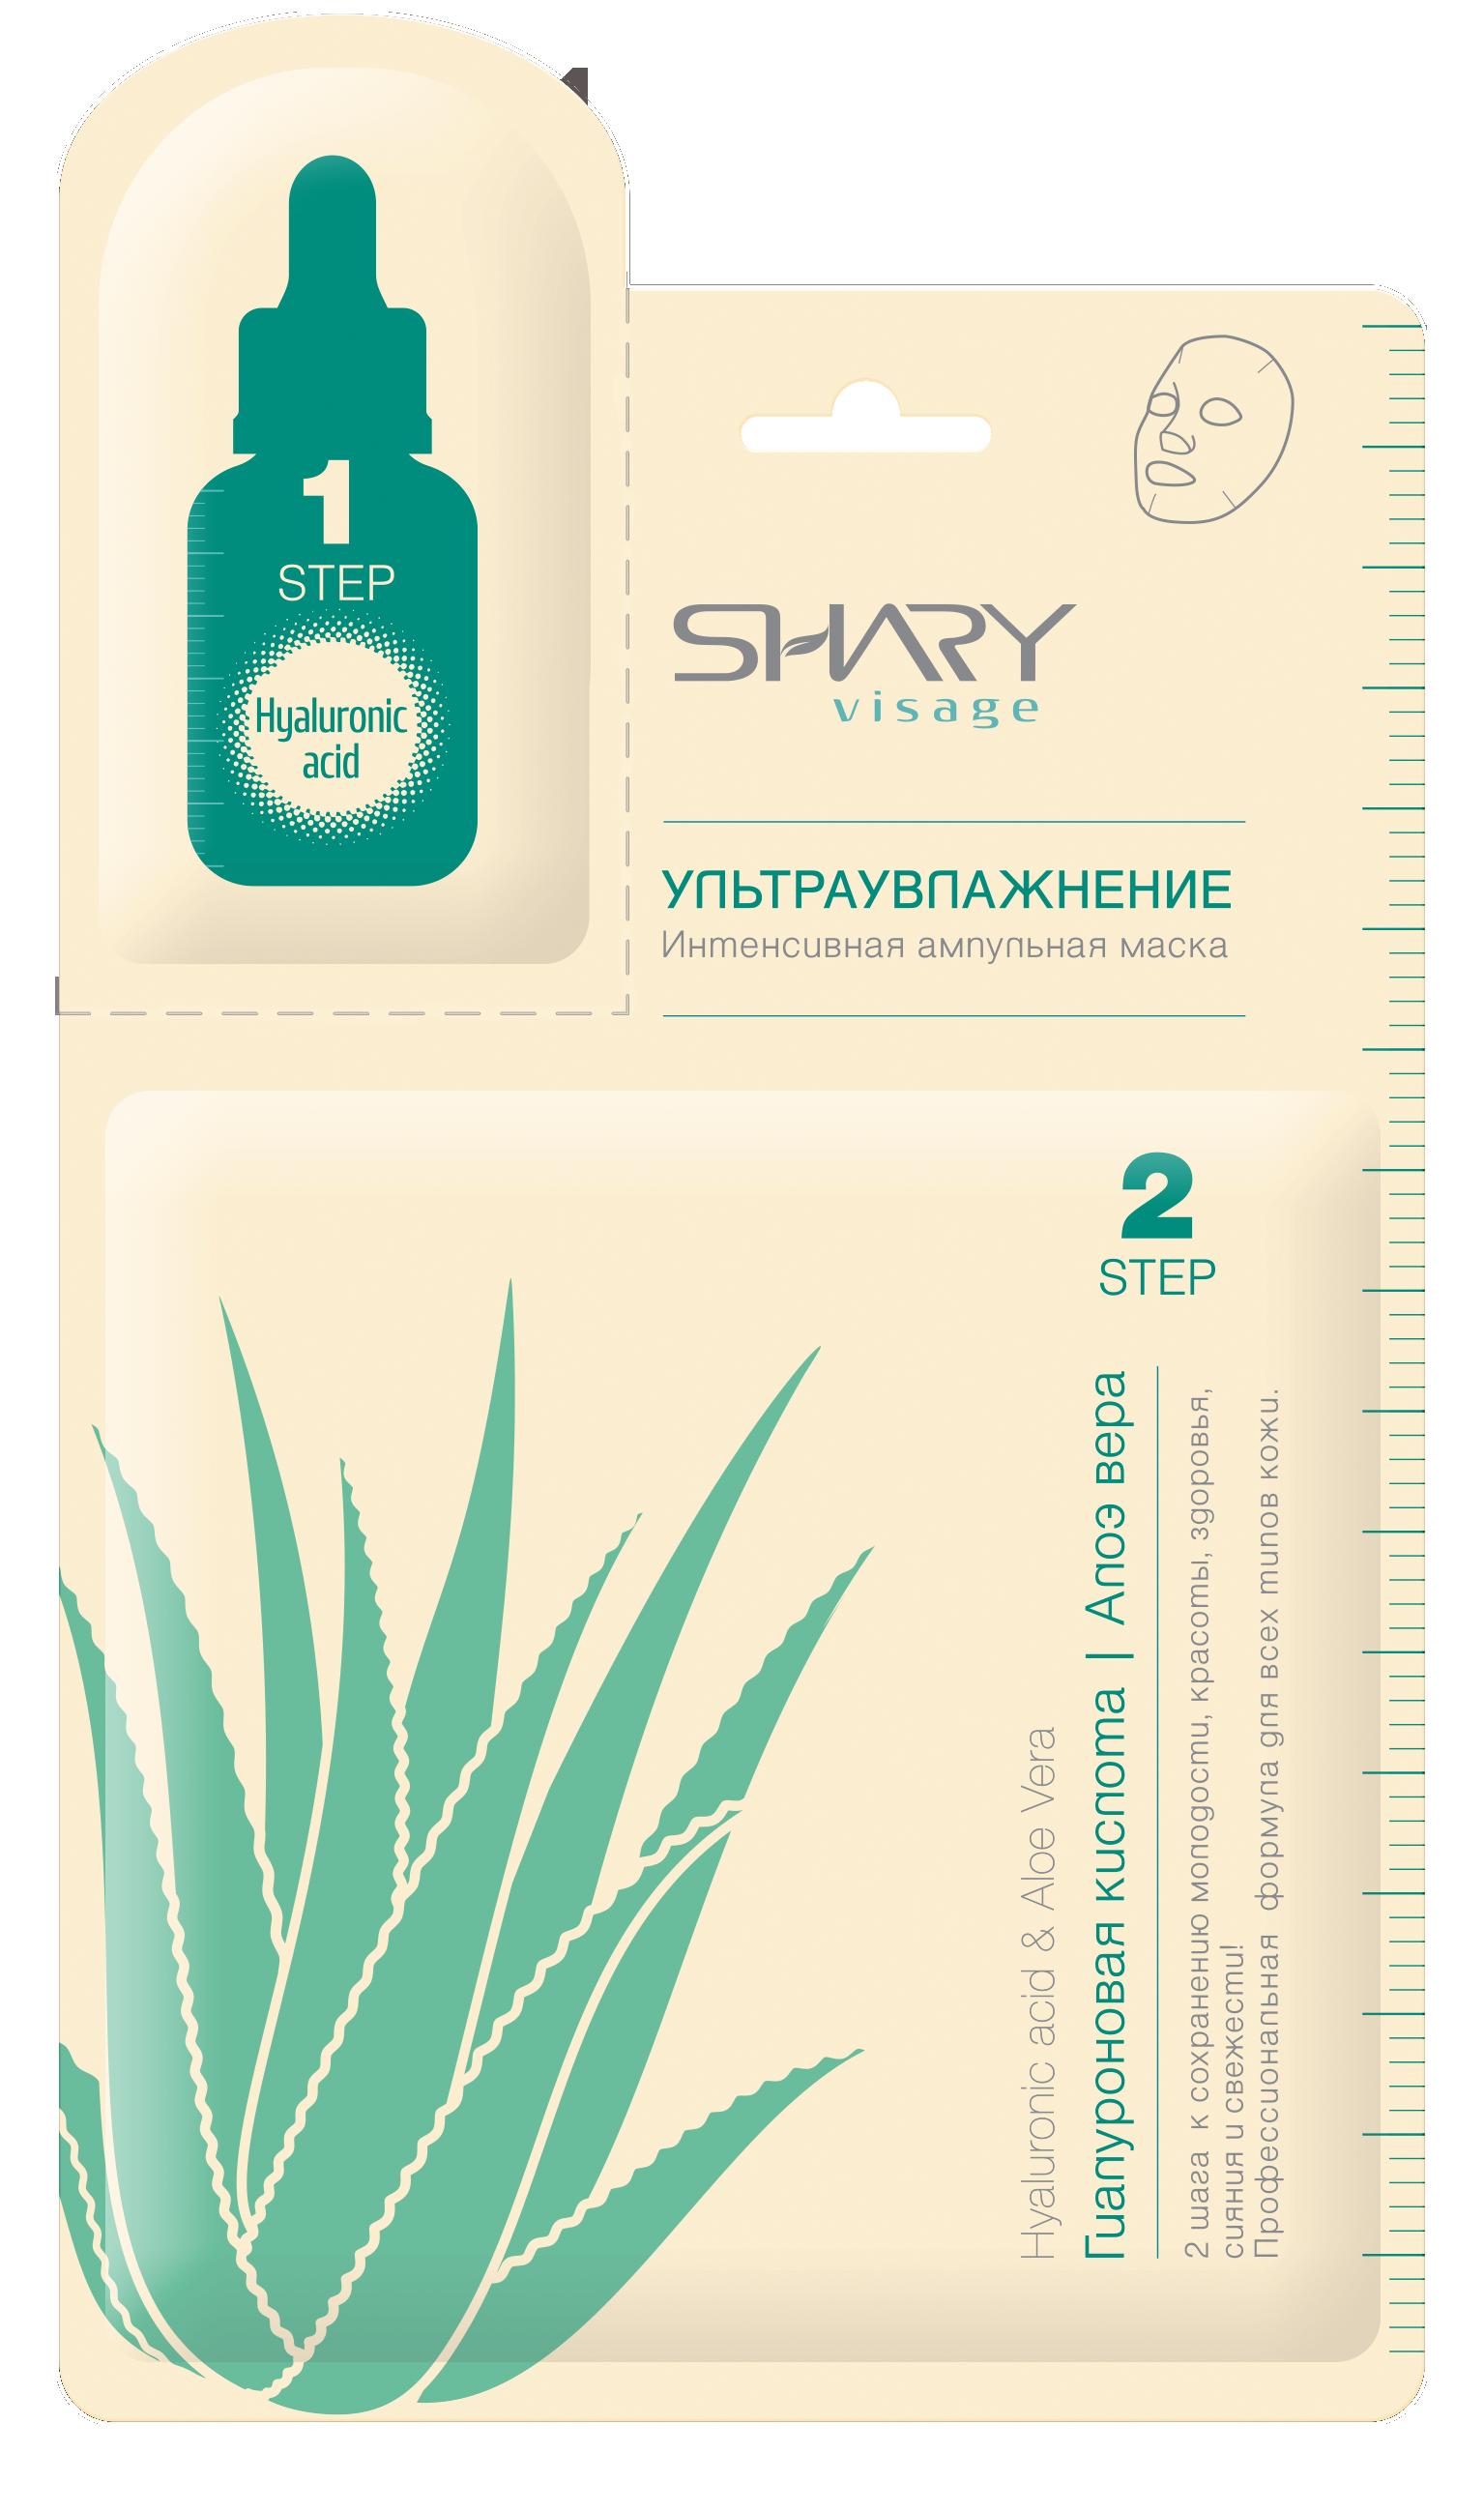 SHARY Маска ампульная интенсивная ультраувлажнение с алоэ вера для лица / VISAGE 23 г